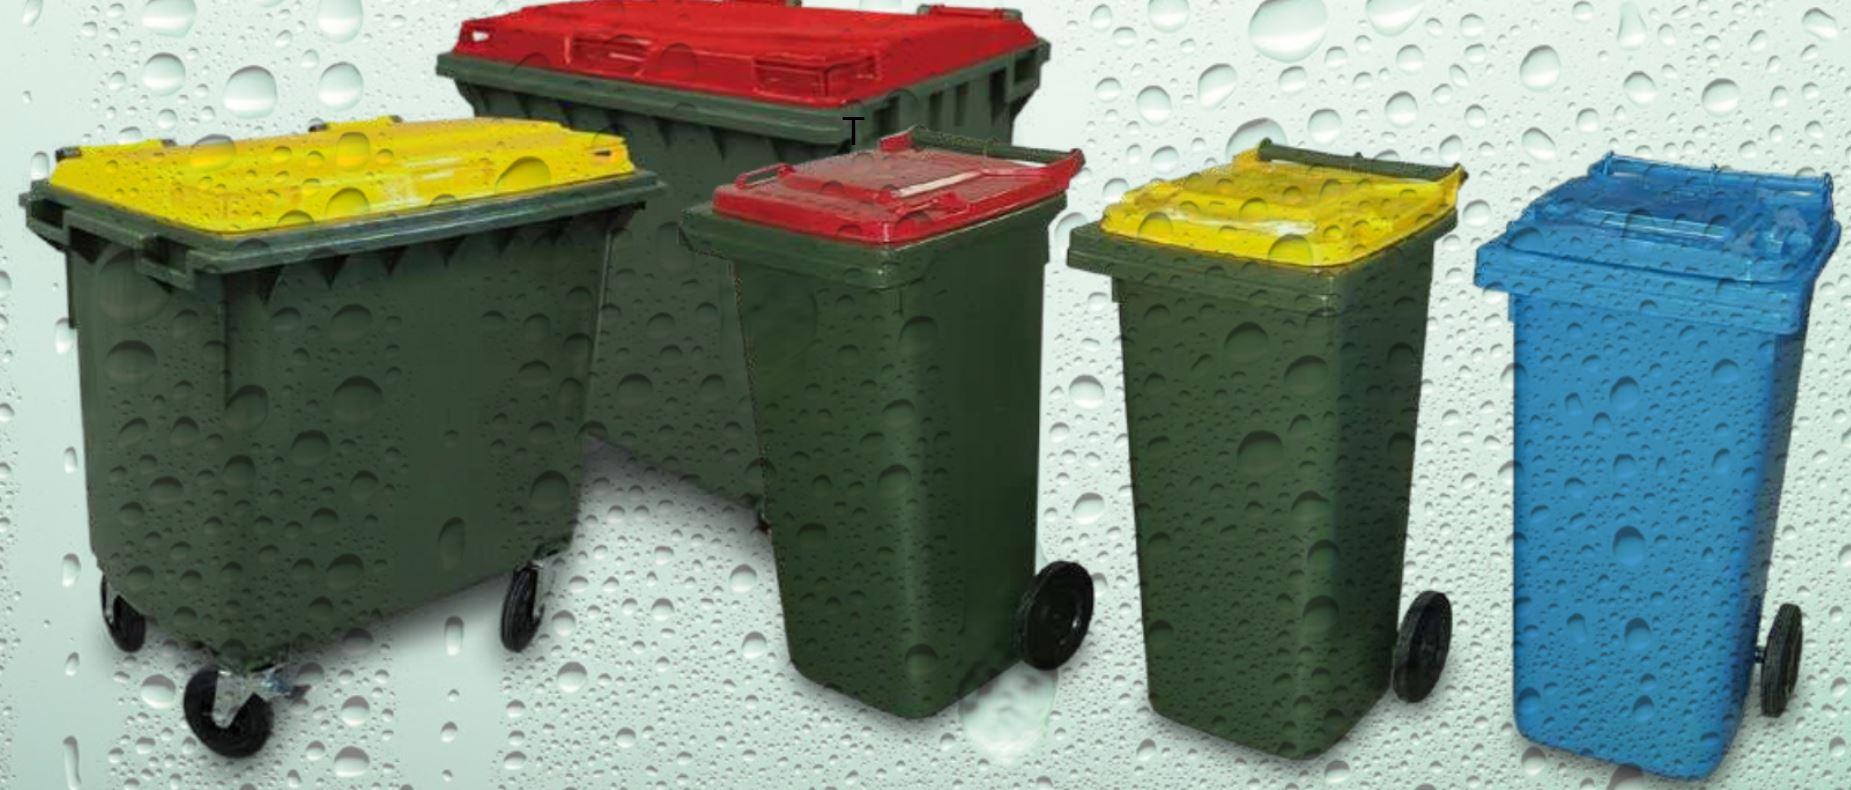 waste-wise-bin-cleaning